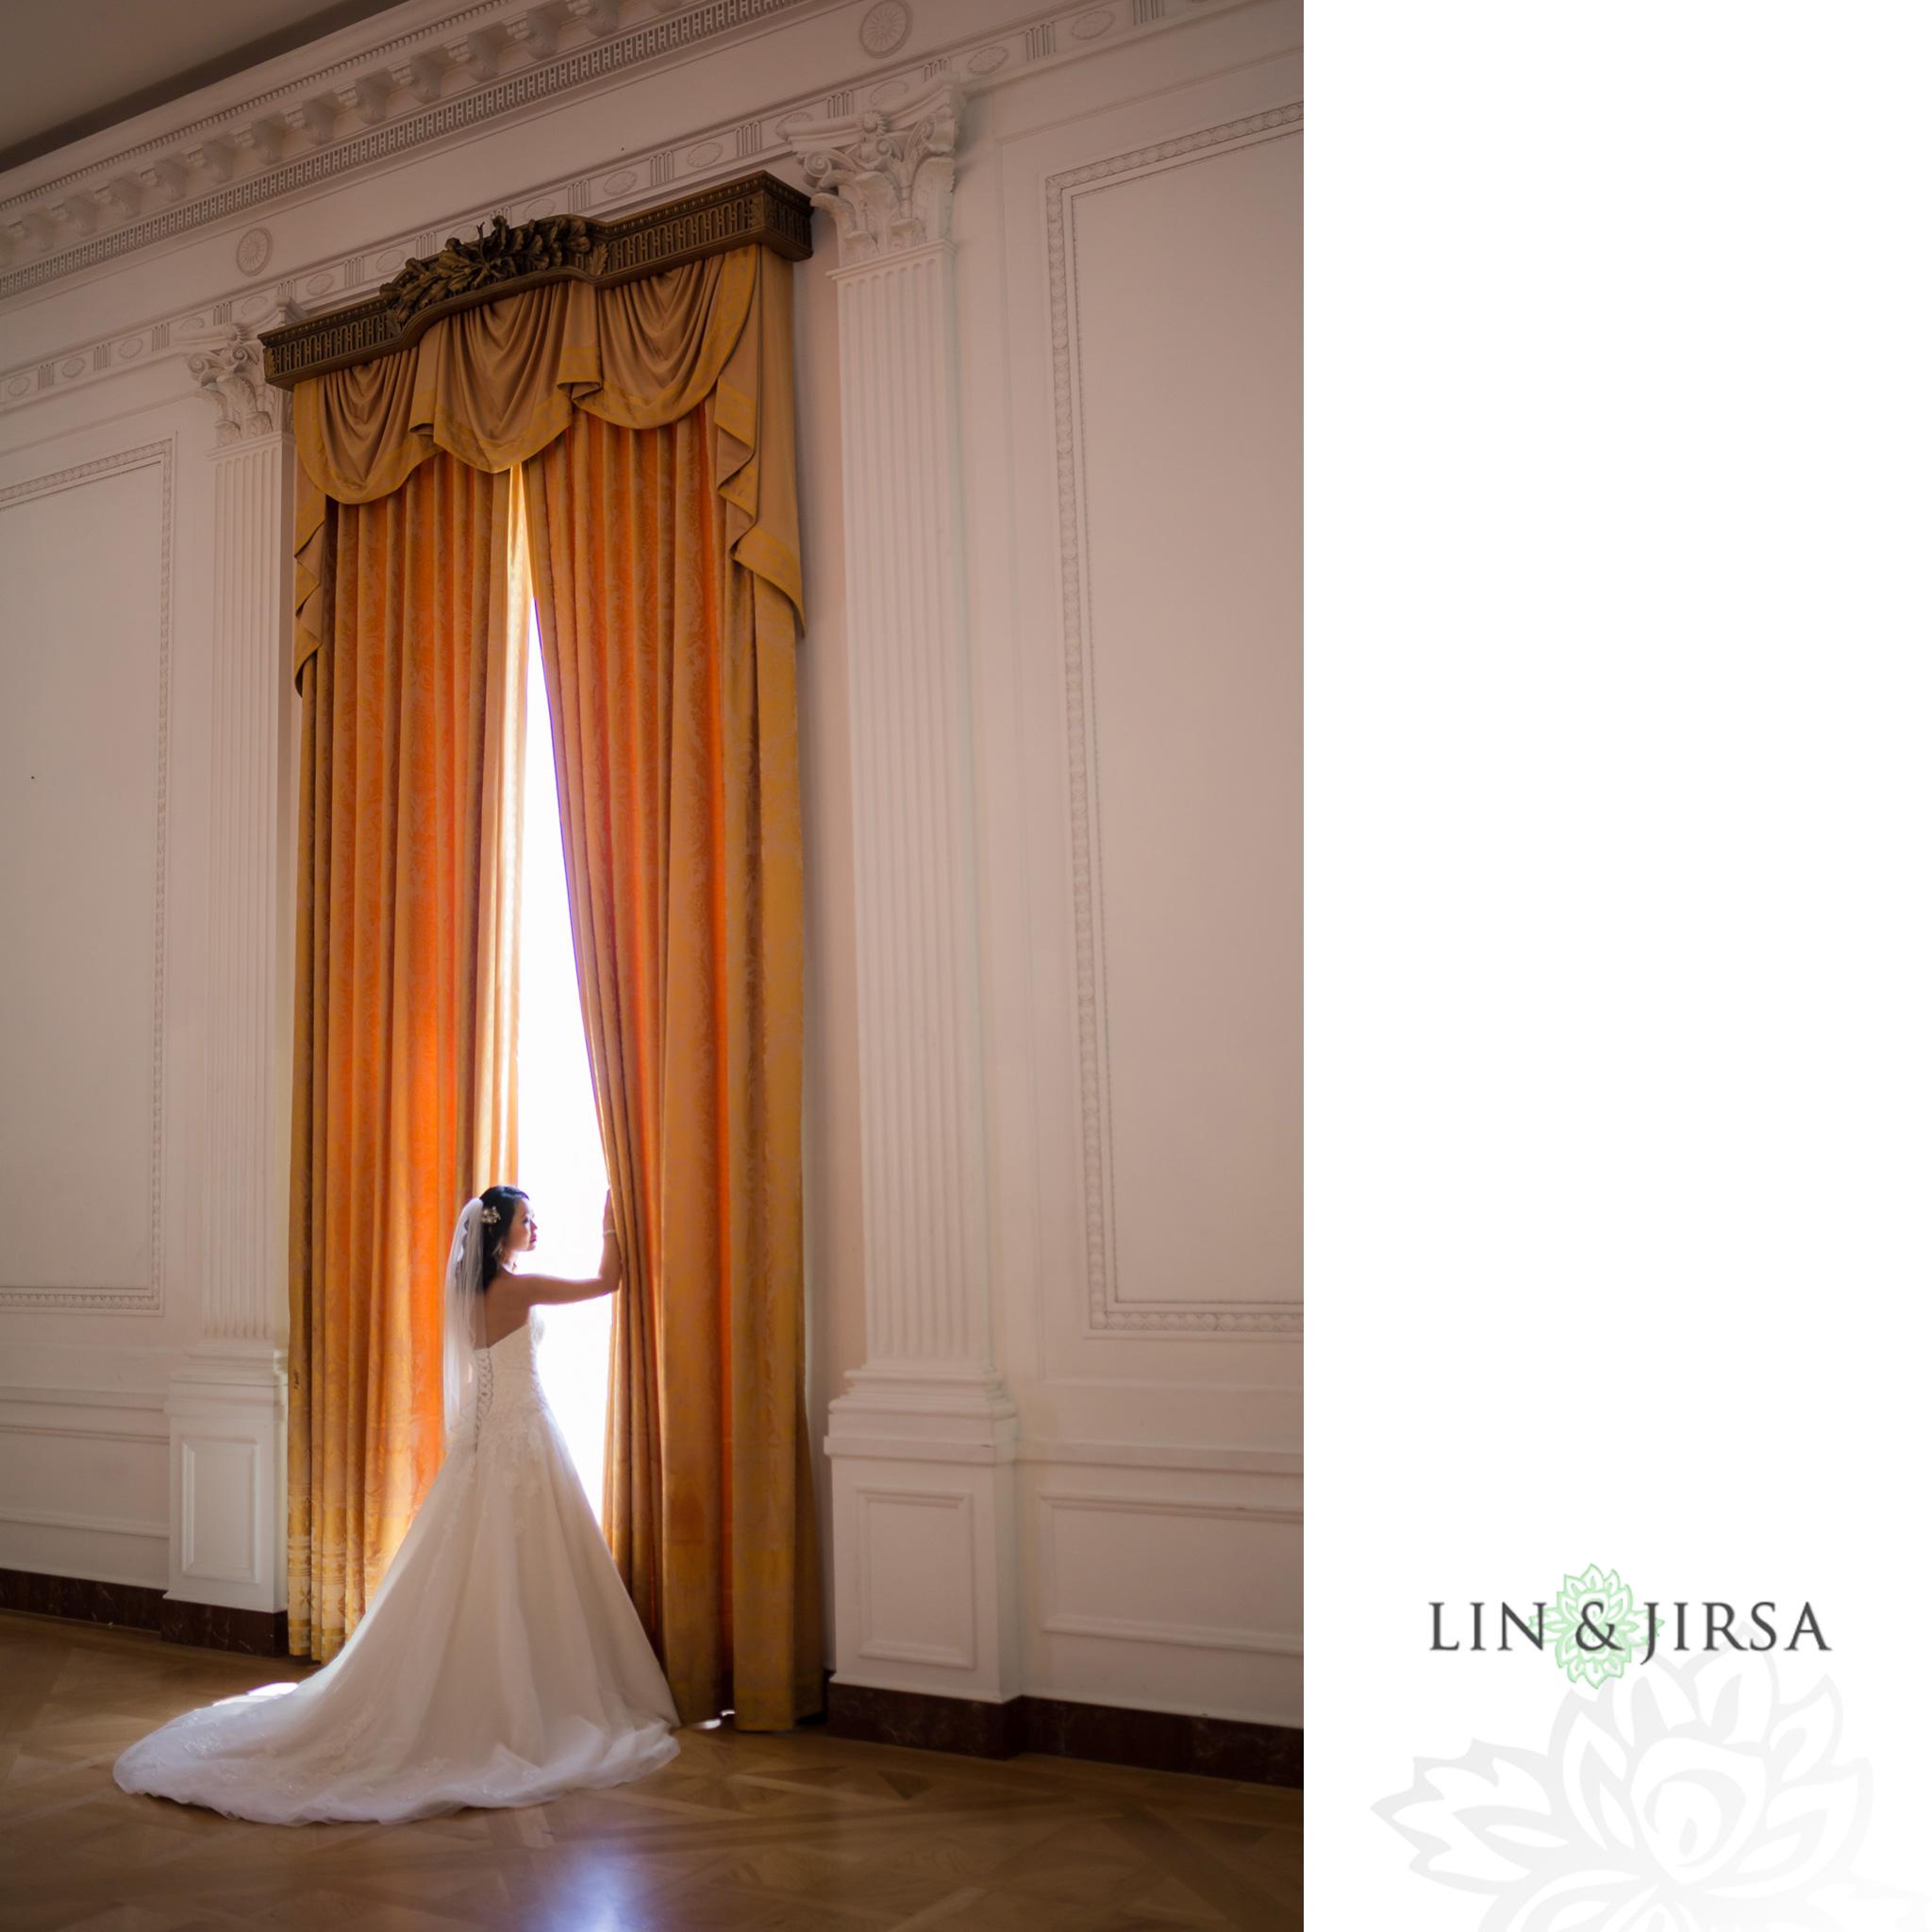 07-richard-nixon-libary-wedding-photography